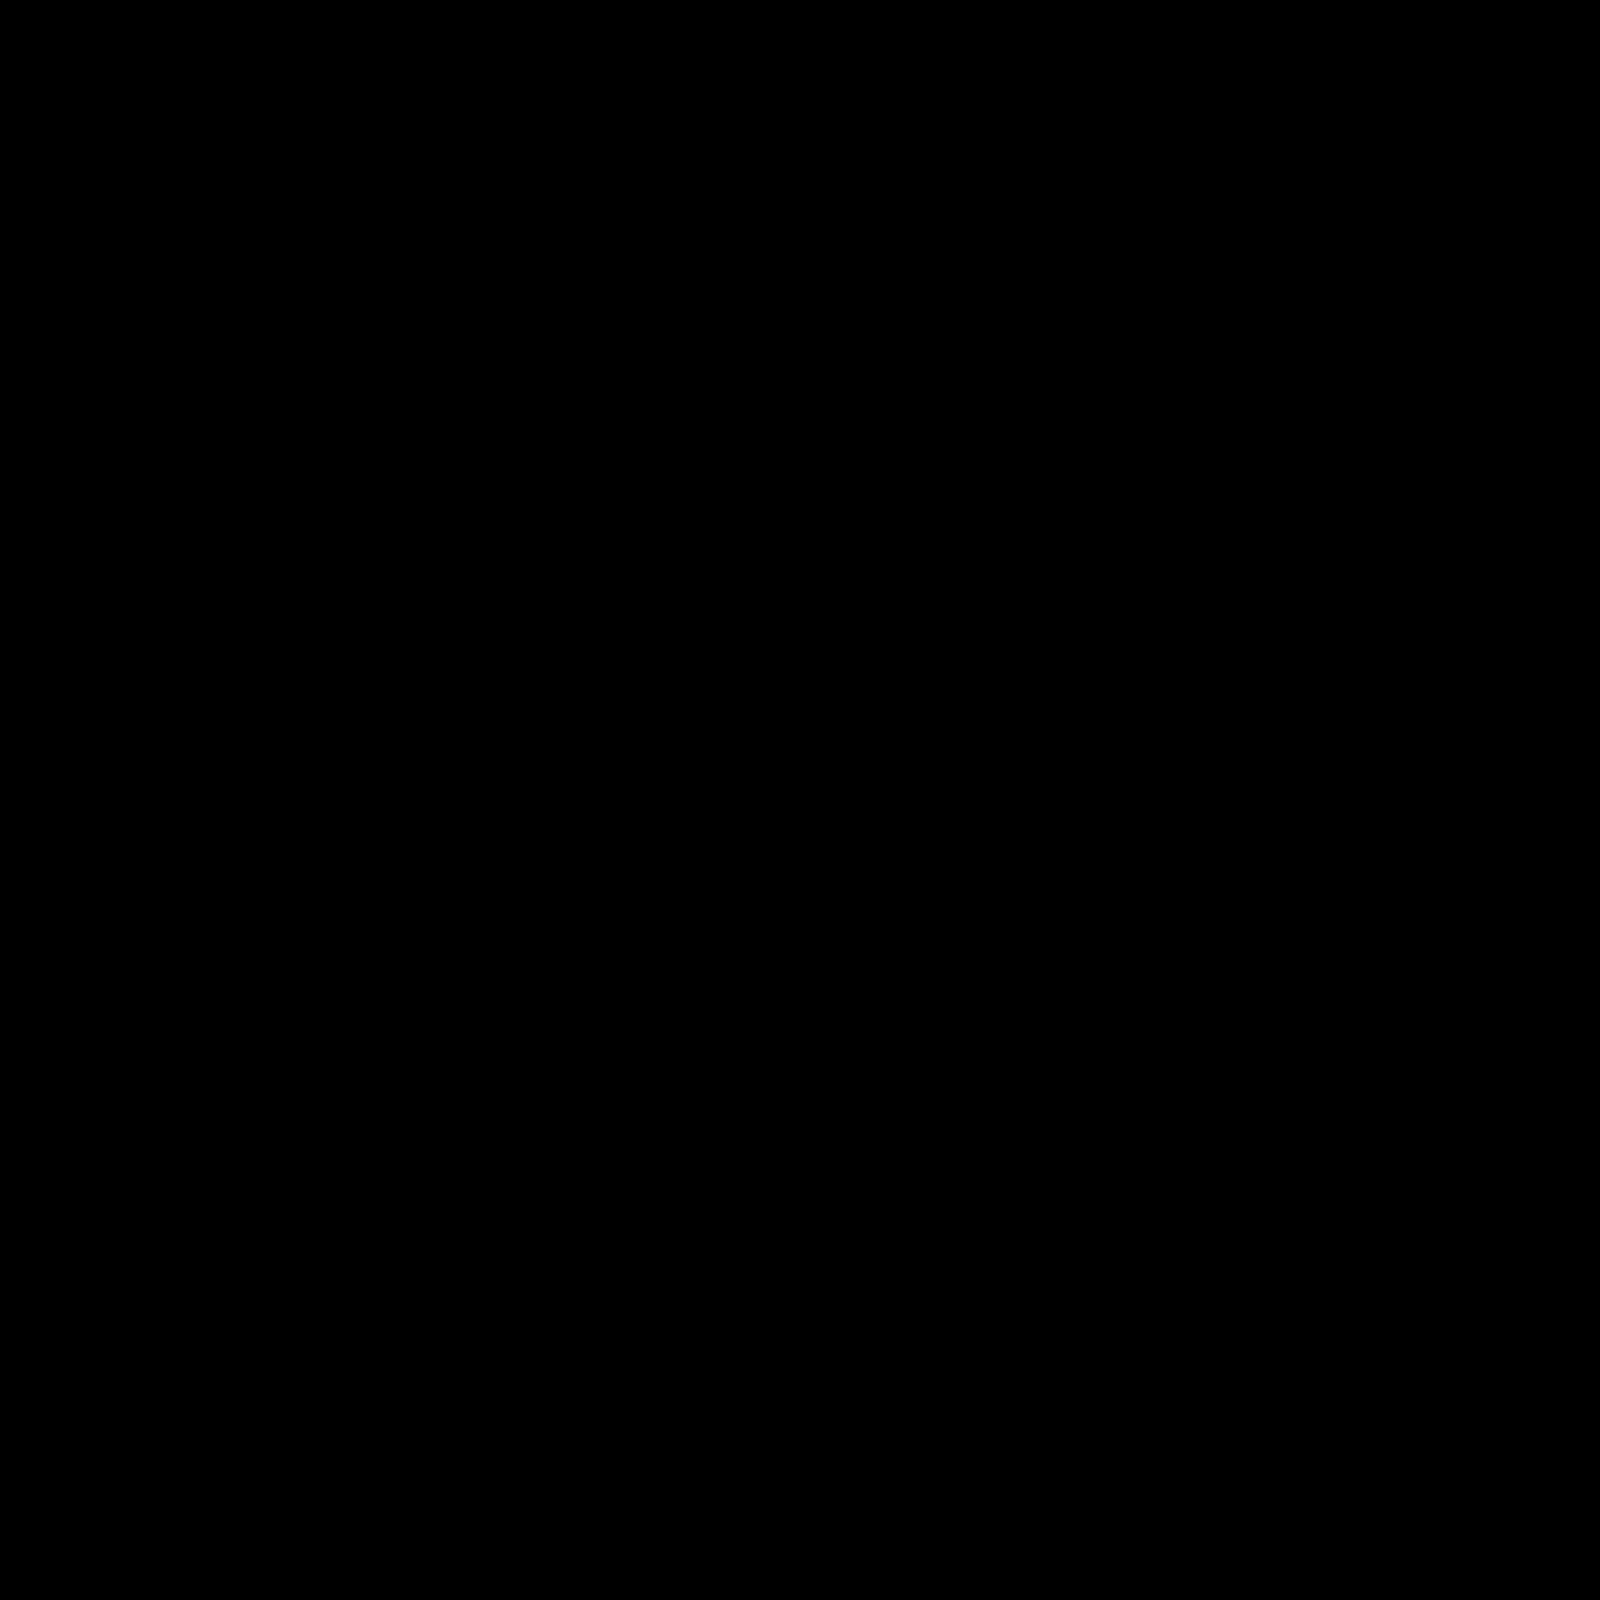 1600x1600 15 Zelda Vector Png For Free Download On Mbtskoudsalg